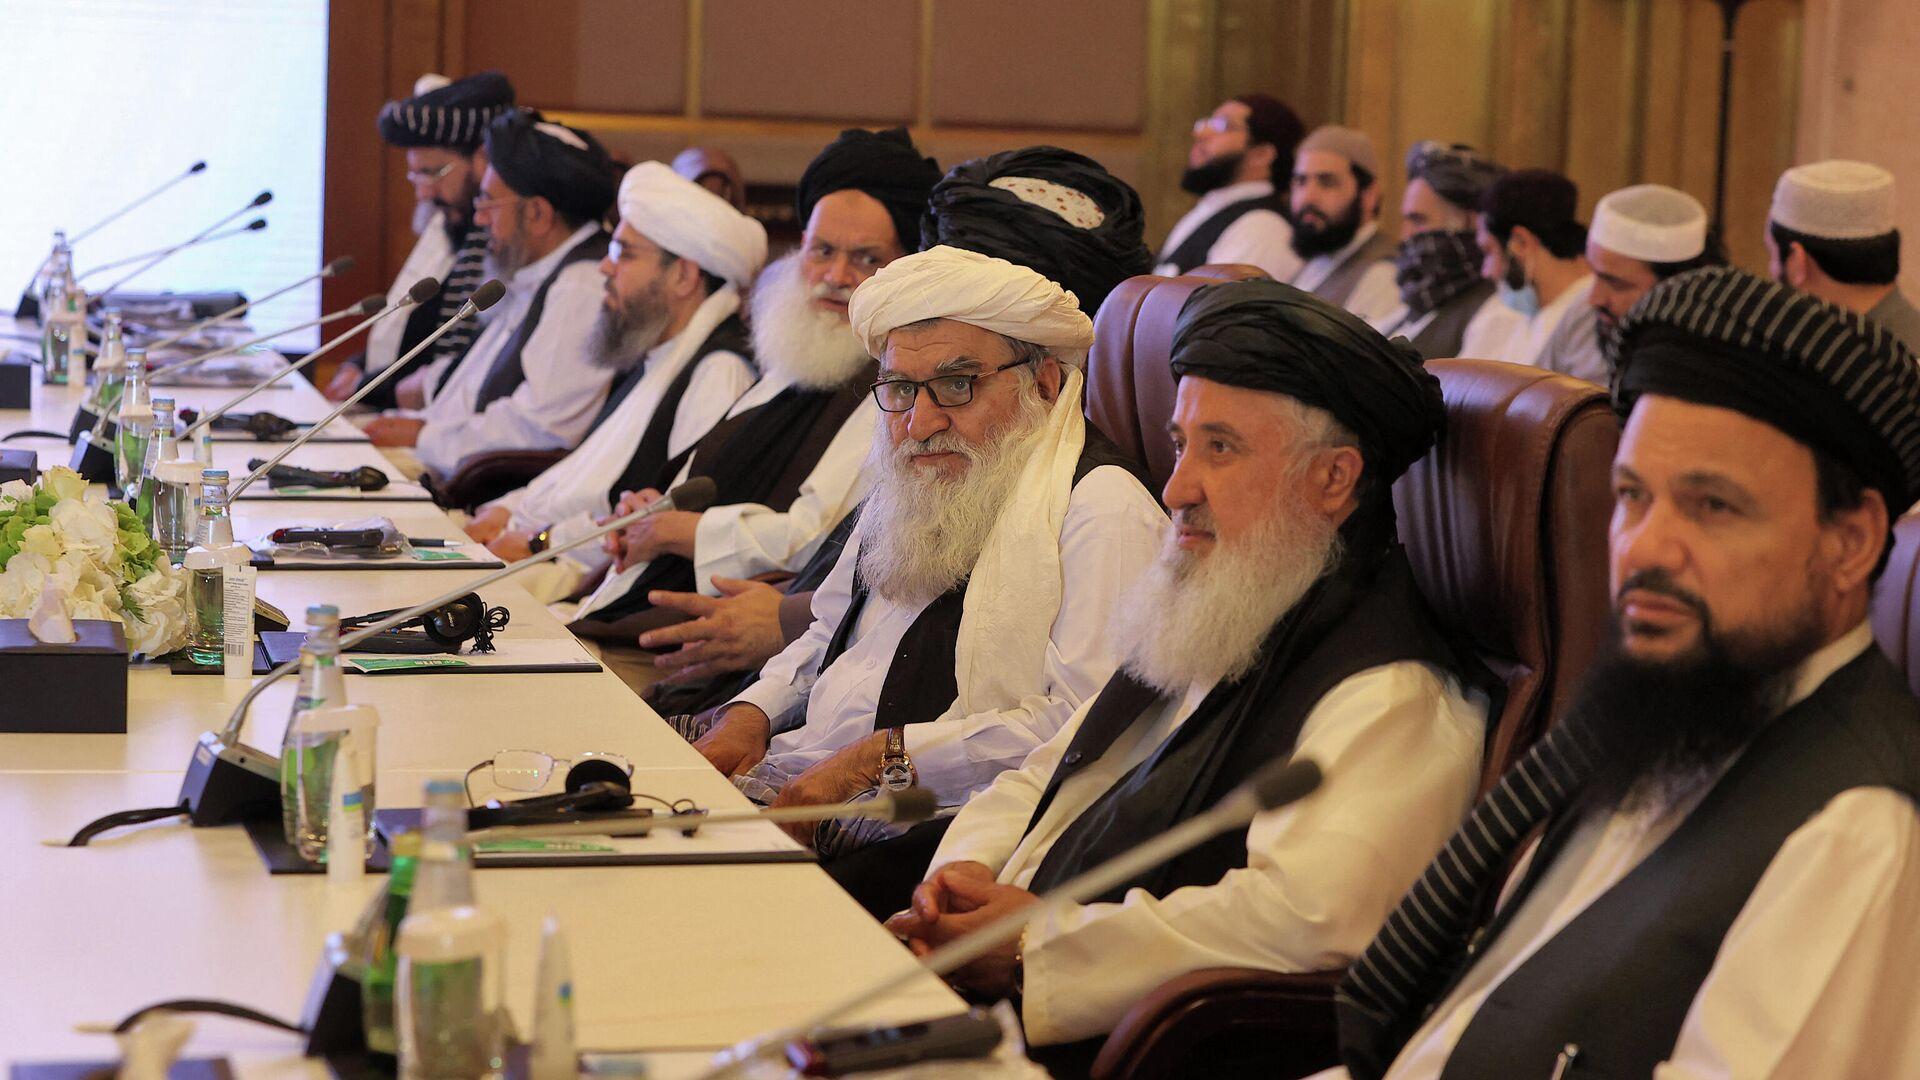 Mitglieder einer Taliban-Delegation bei Friedensgesprächen mit der afghanischen Regierung. Doha, 18. Juli 2021 - SNA, 1920, 23.07.2021